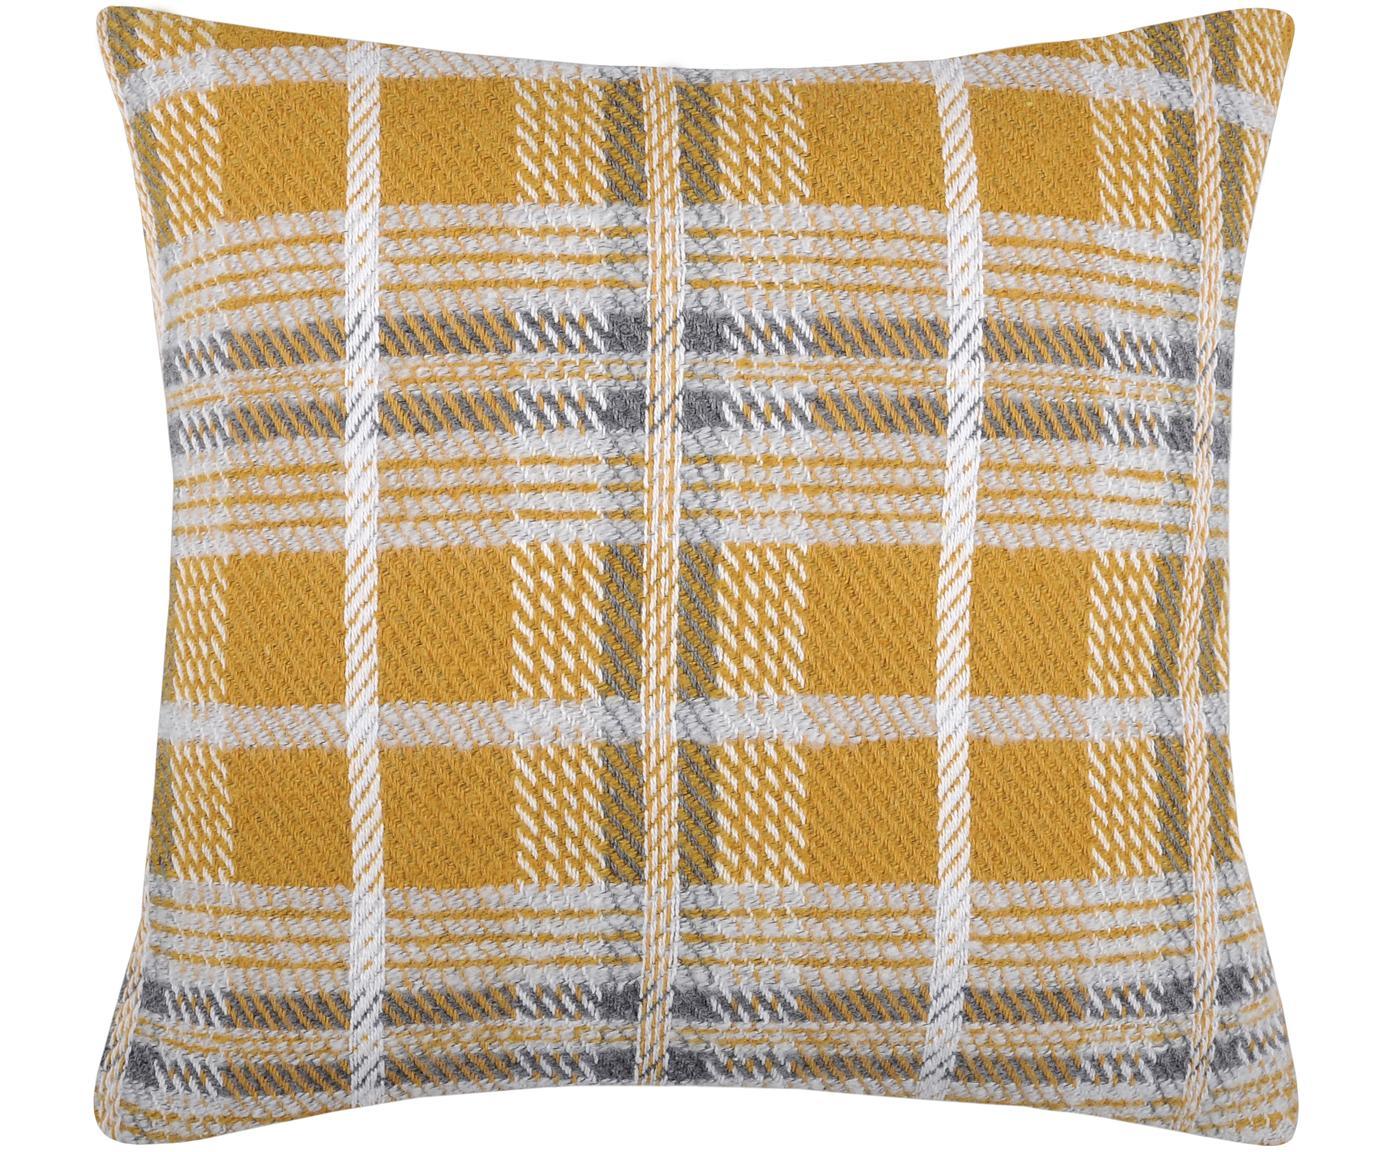 Poduszka z wypełnieniem Arnold, Poliester, Musztardowy, biały, szary, S 45 x D 45 cm